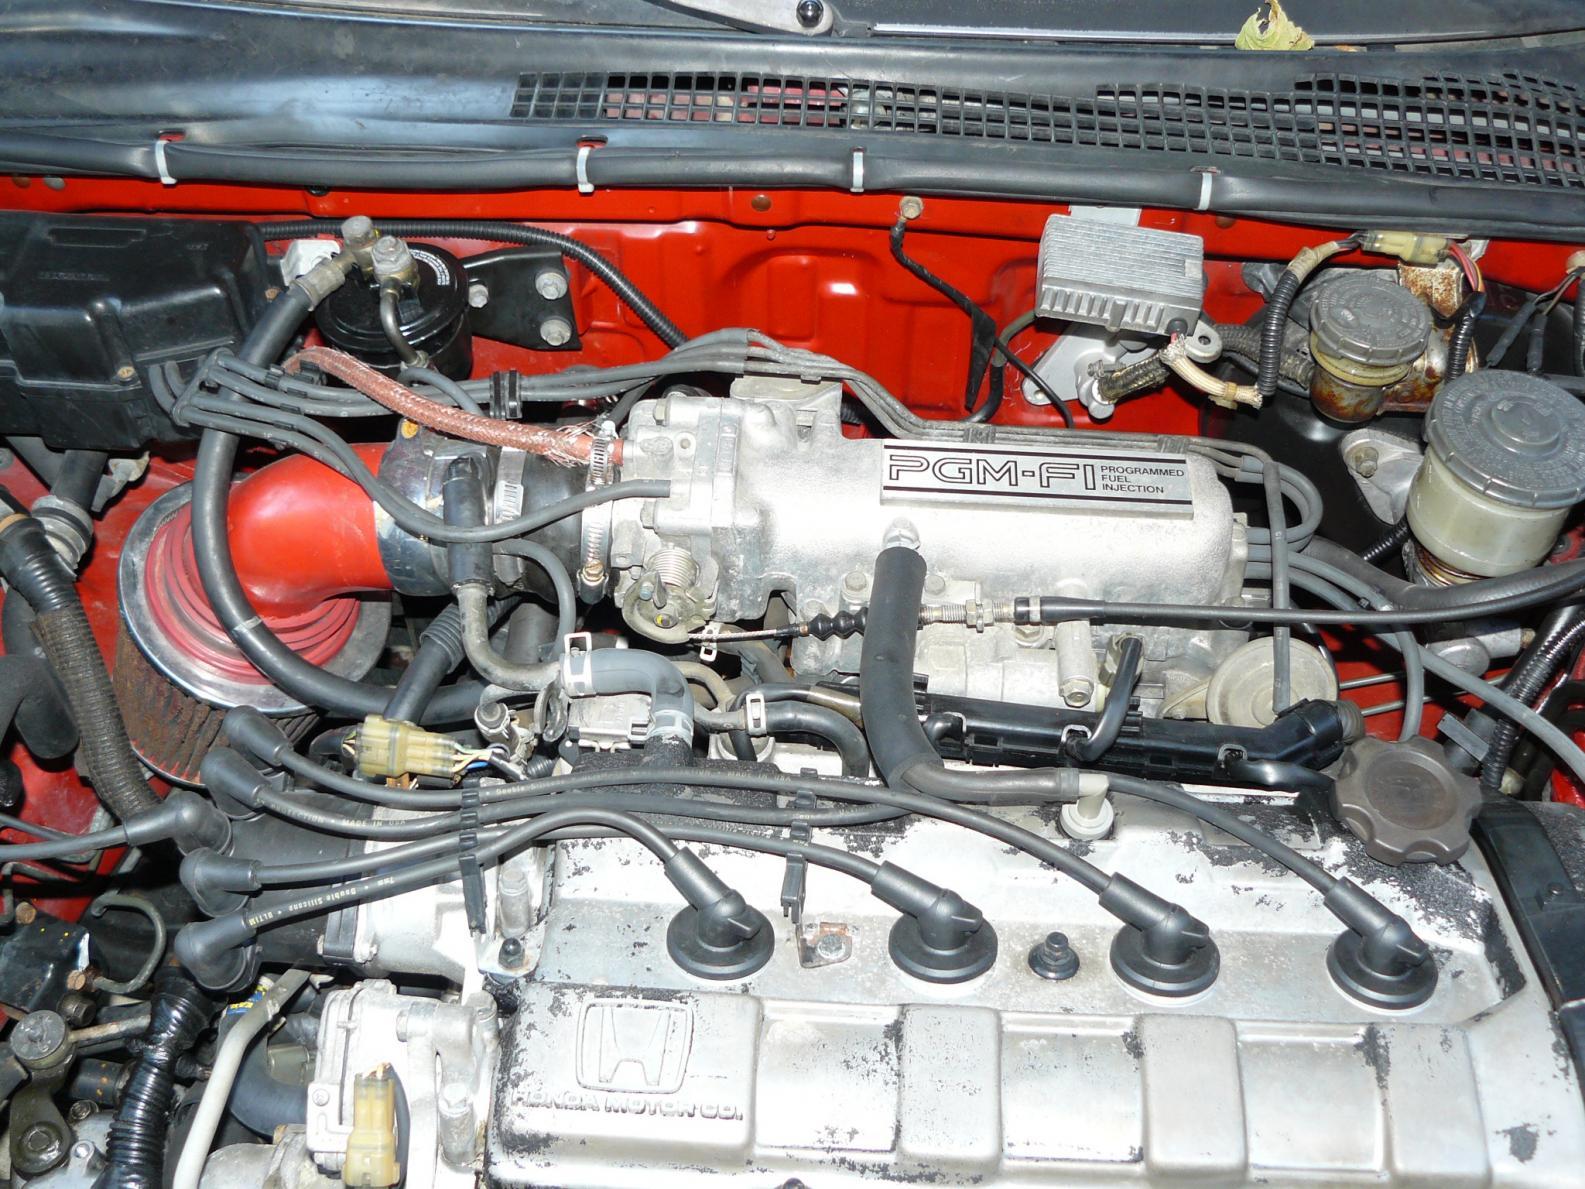 1991 Honda Prelude Si 4ws prelude with 88 motor transplant, random start problem - Honda Prelude ...